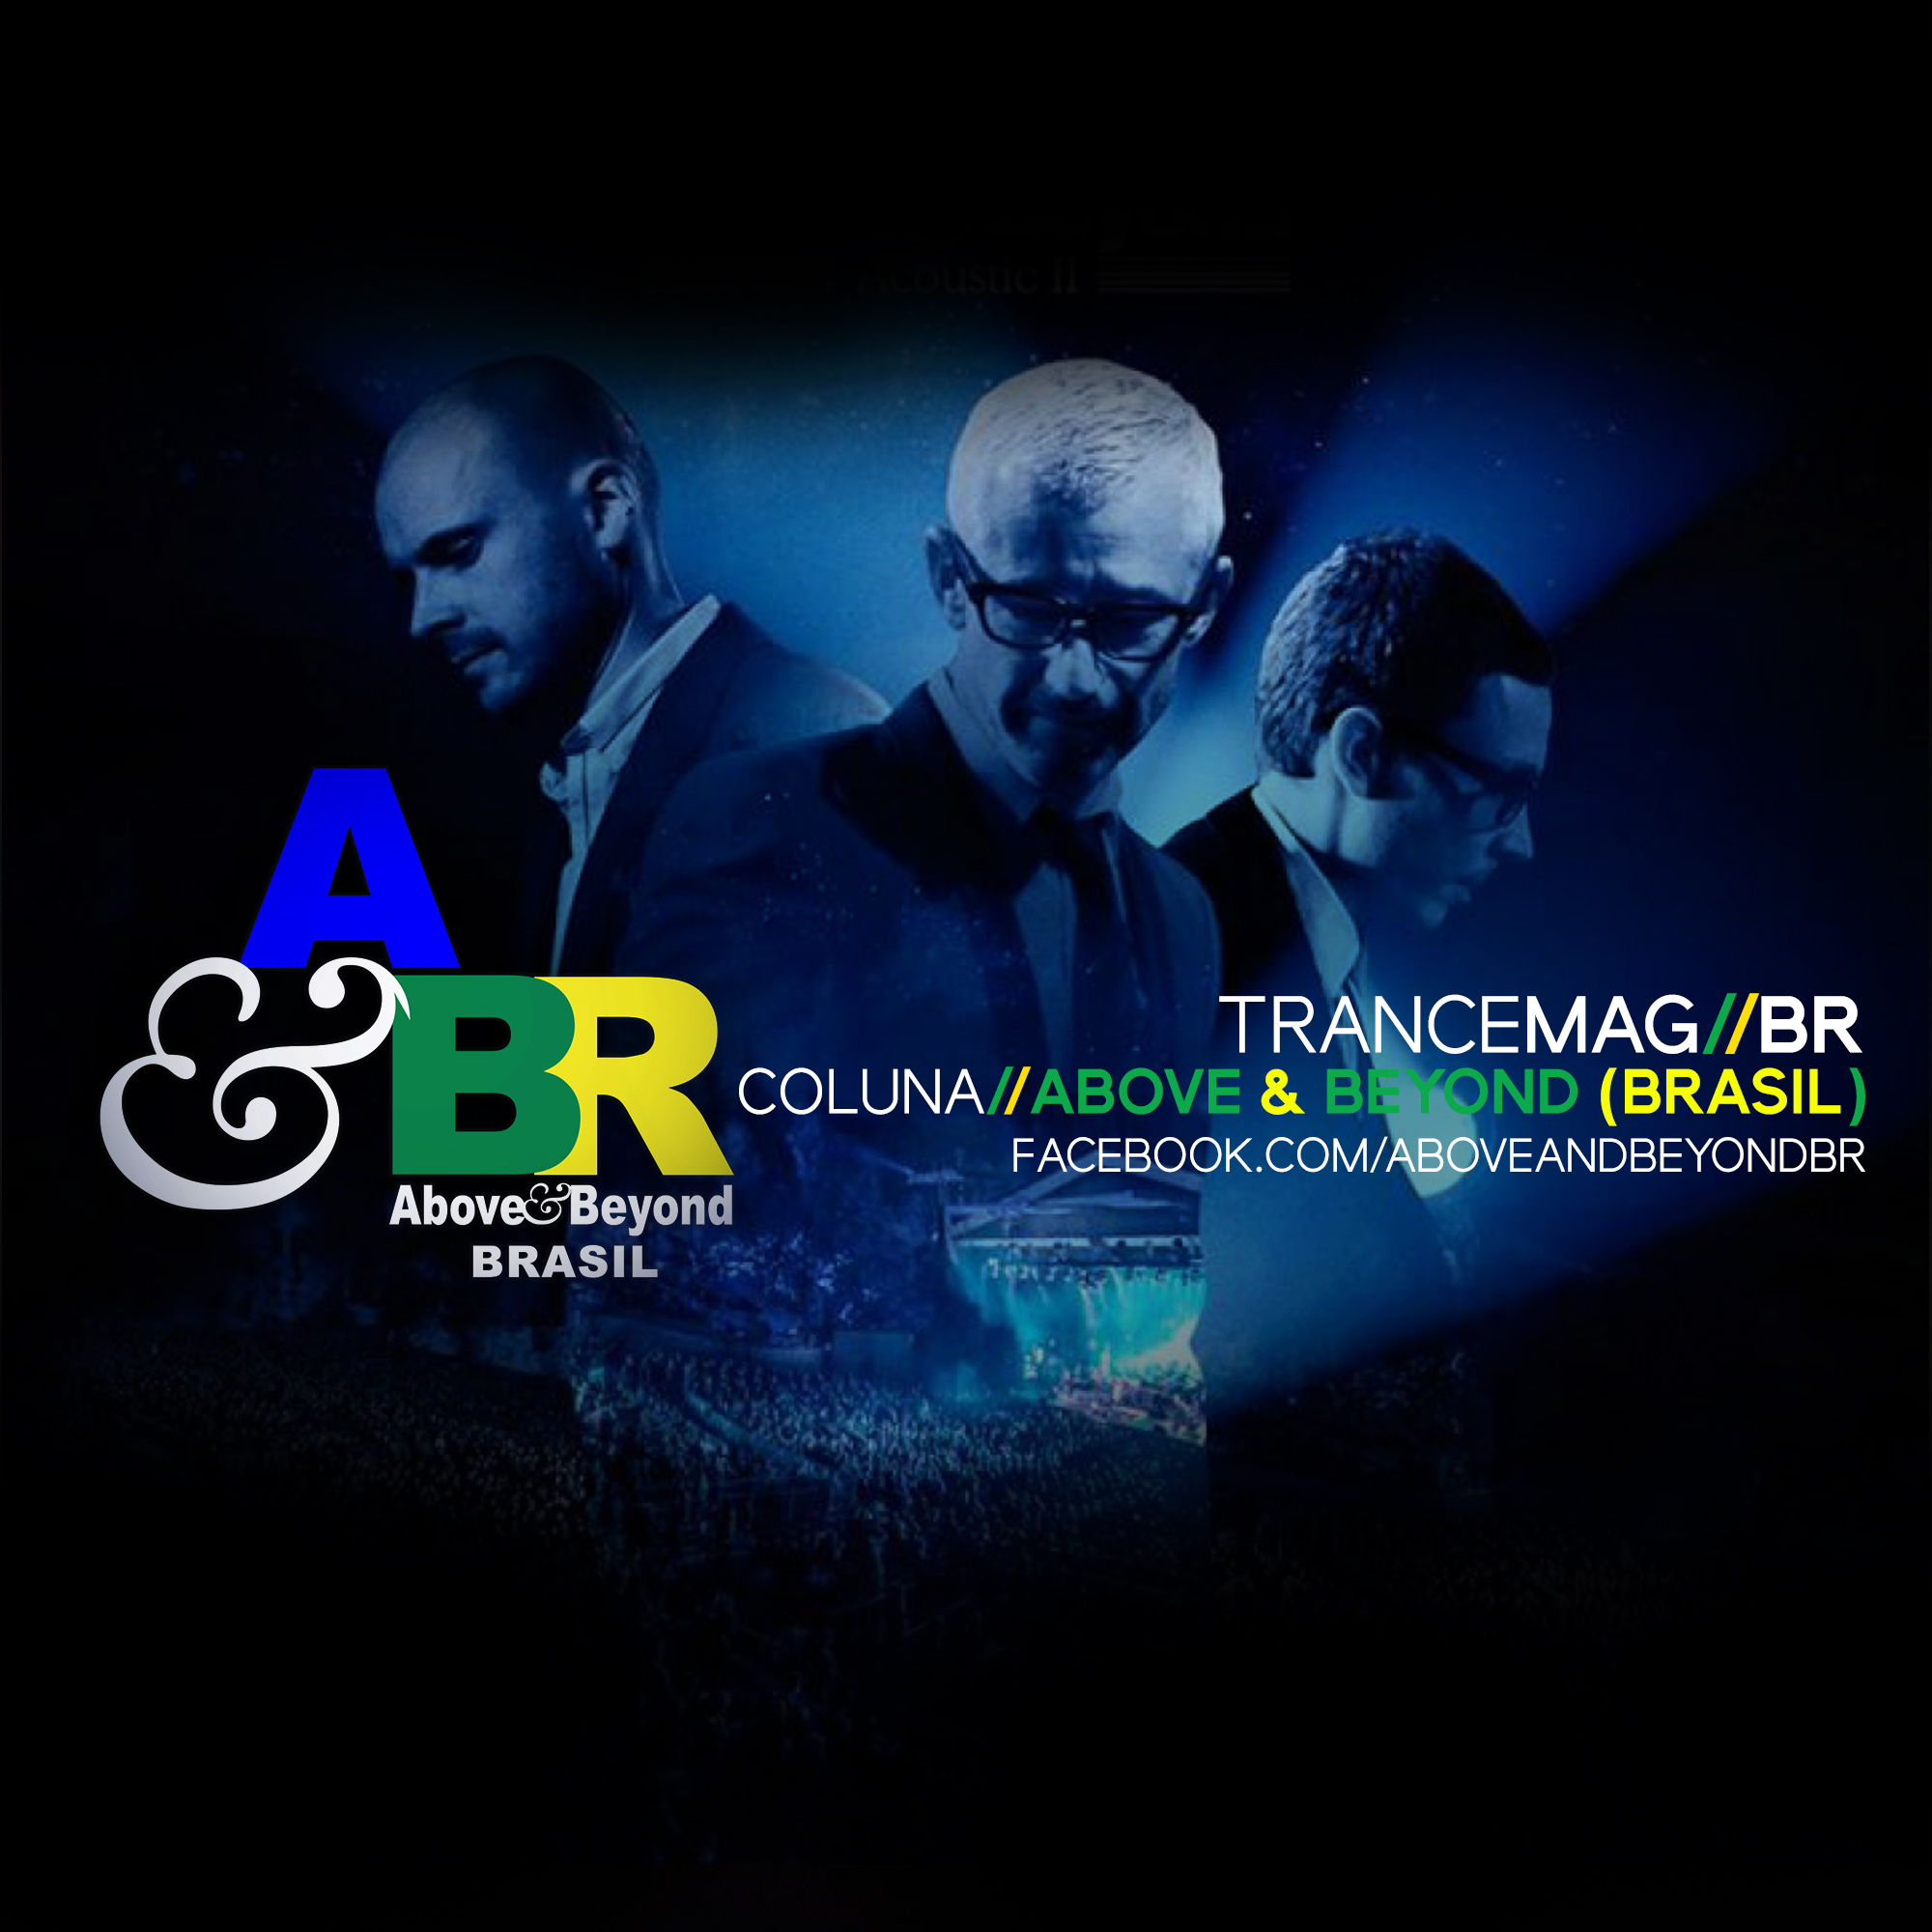 #Opinião – A&B Brasil – A vida é feita de pequenos momentos